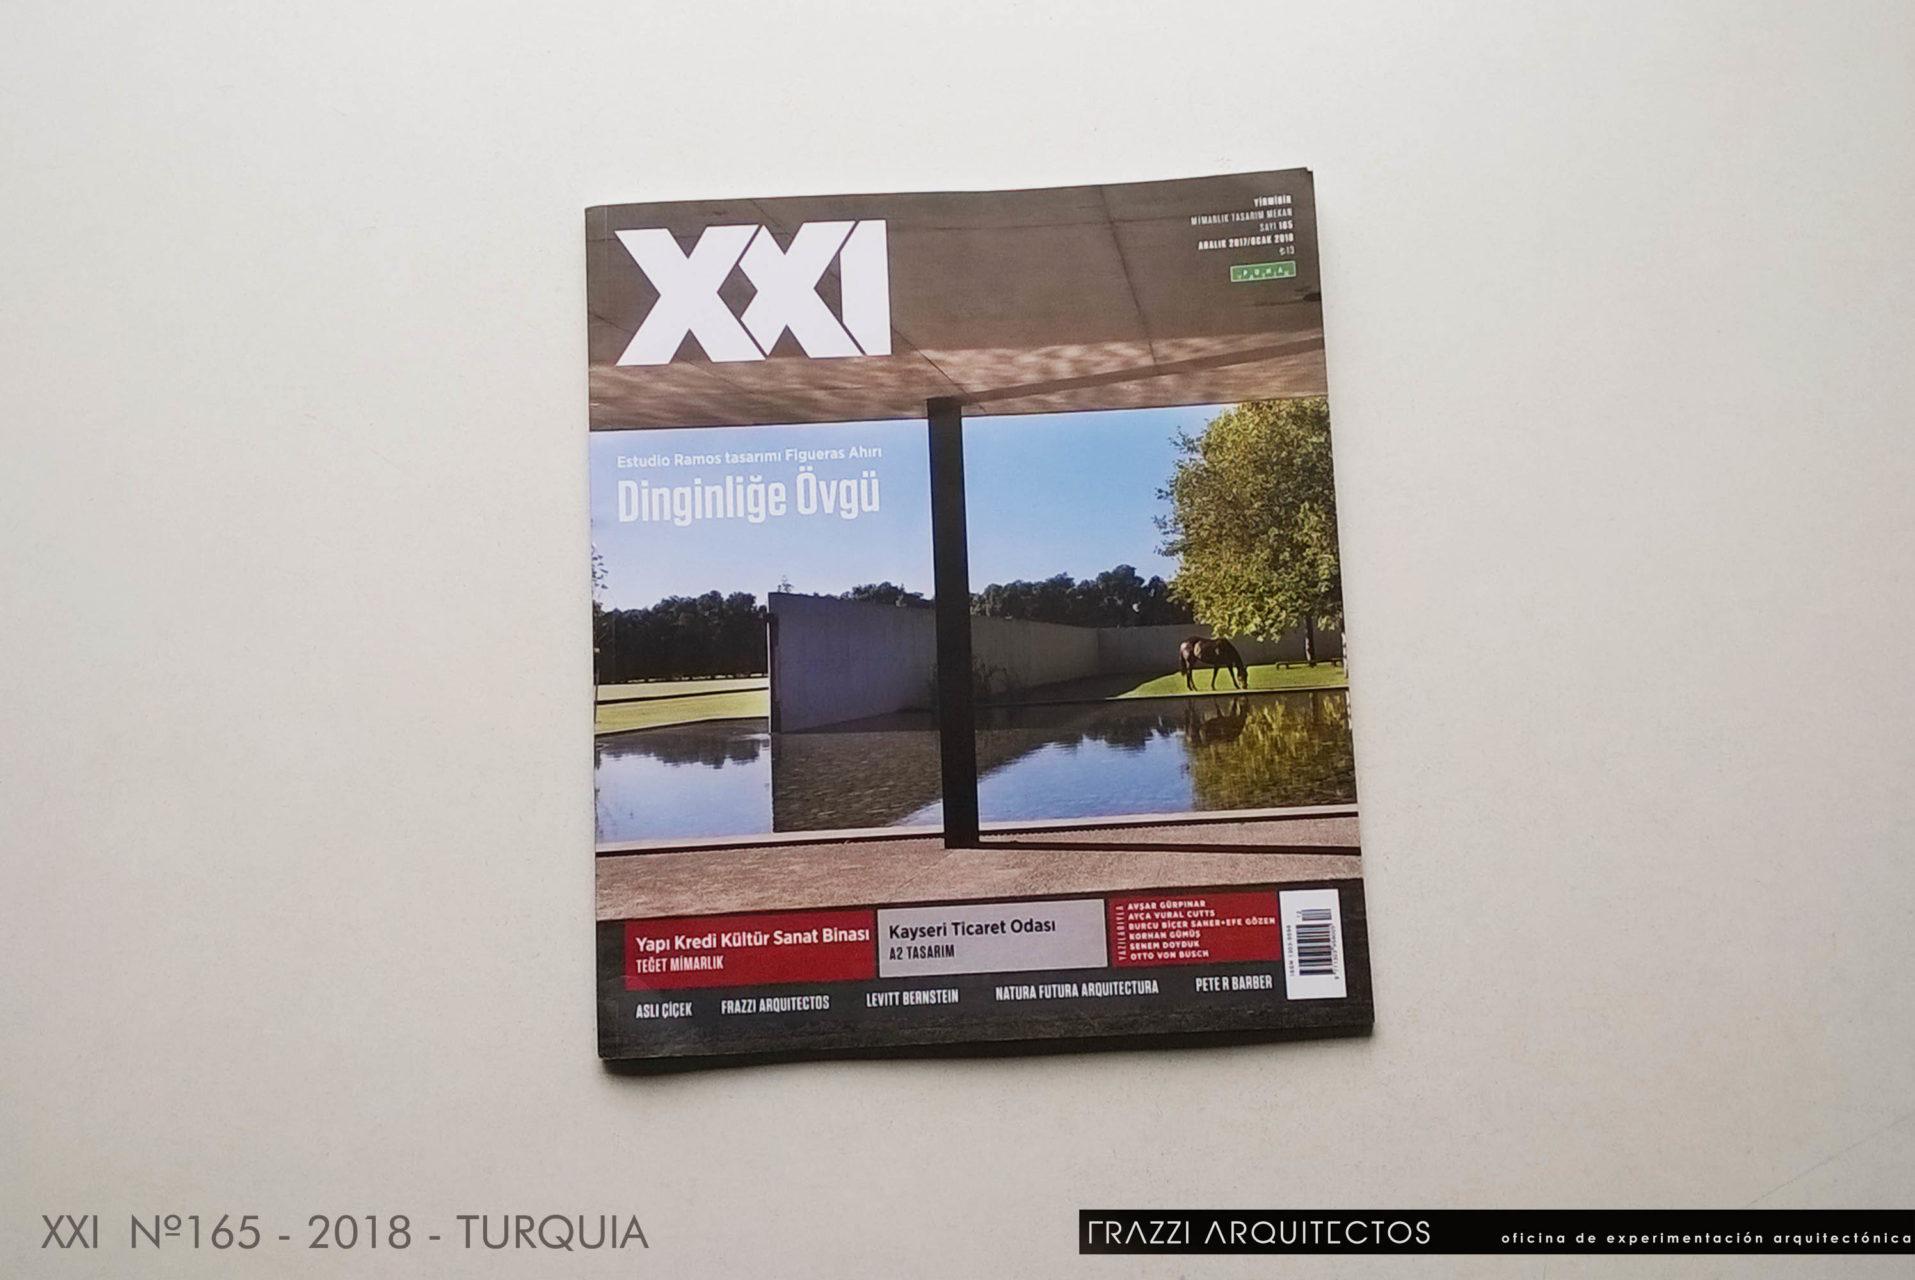 001 XXI TURQUIA